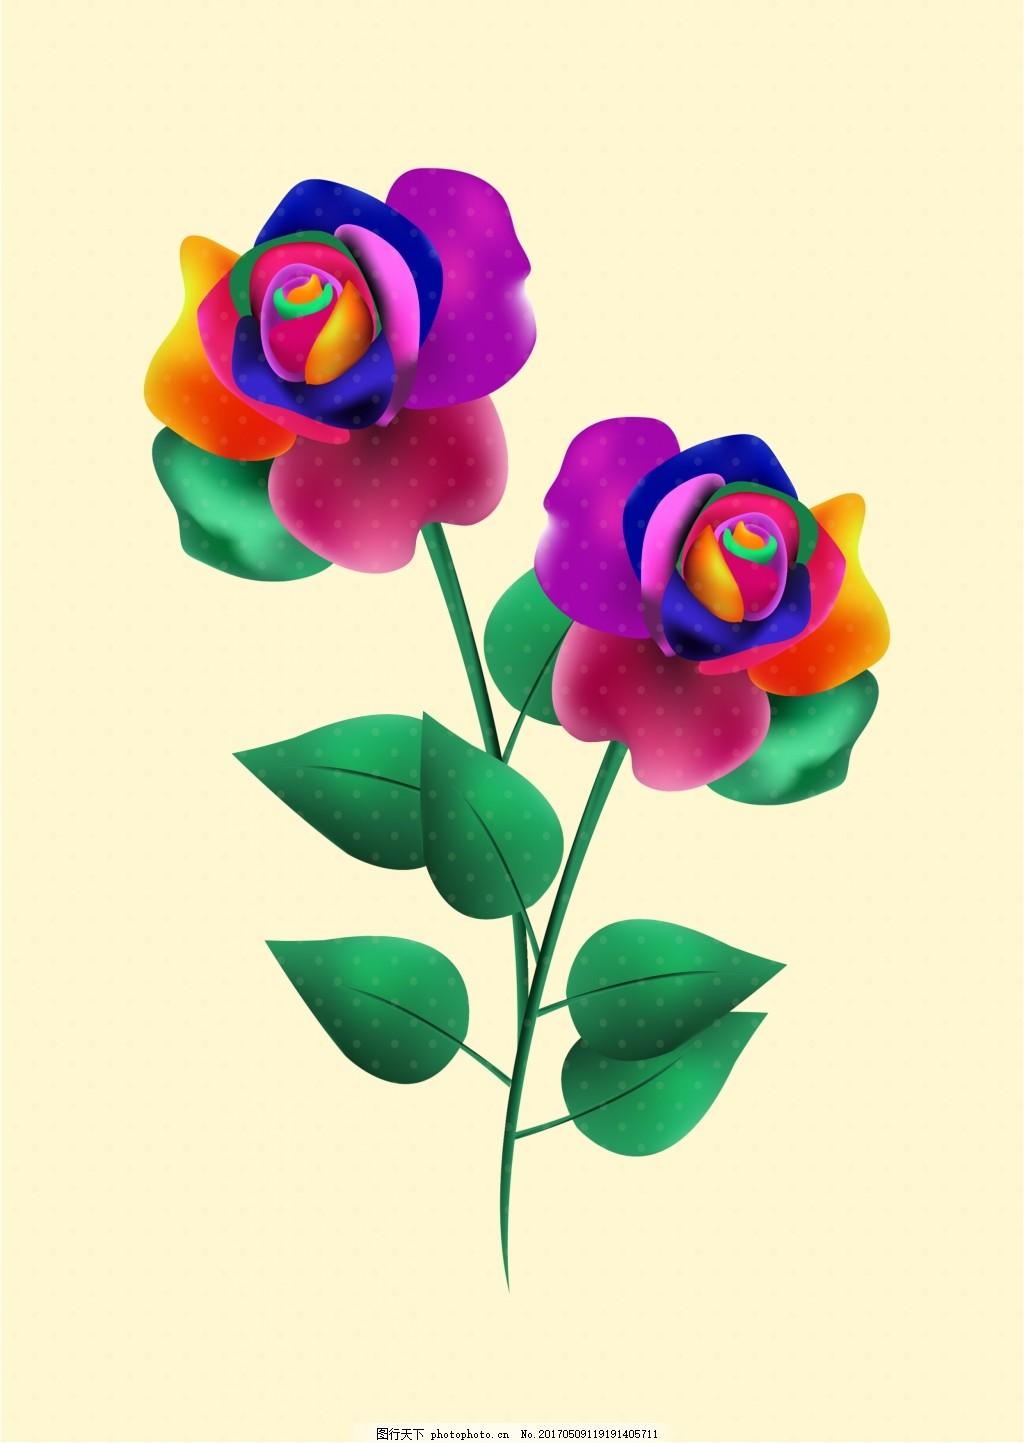 矢量手绘玫瑰花素材